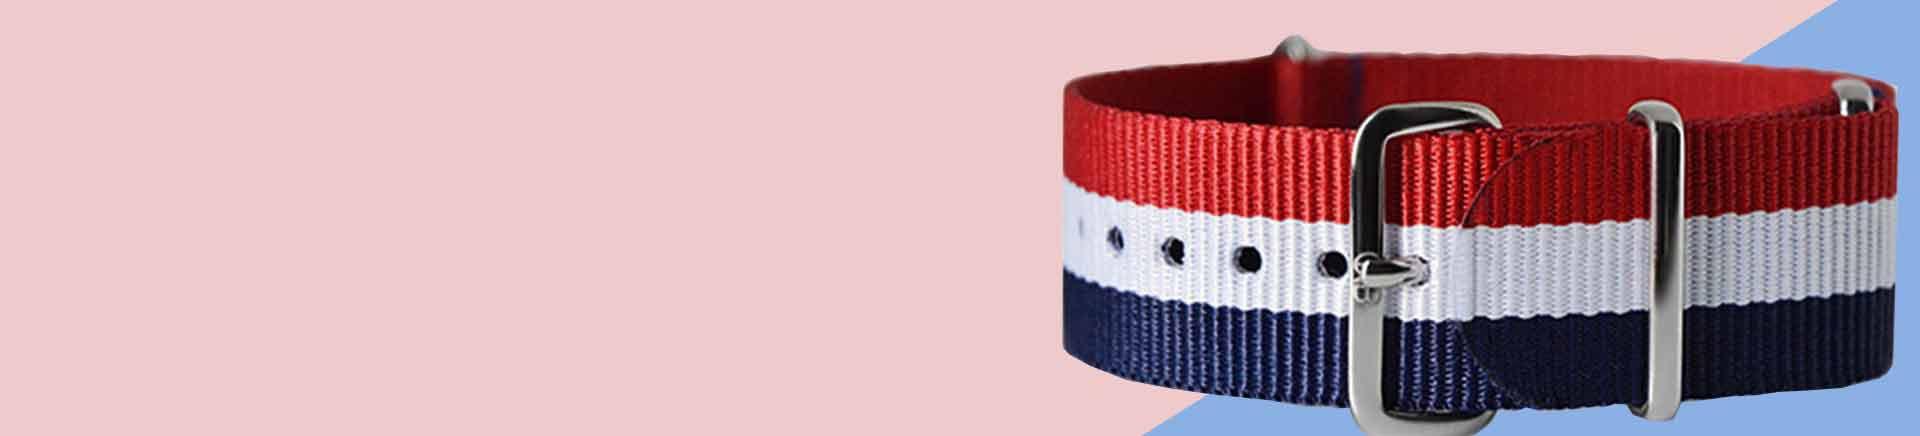 bracelets nato bracelets montres